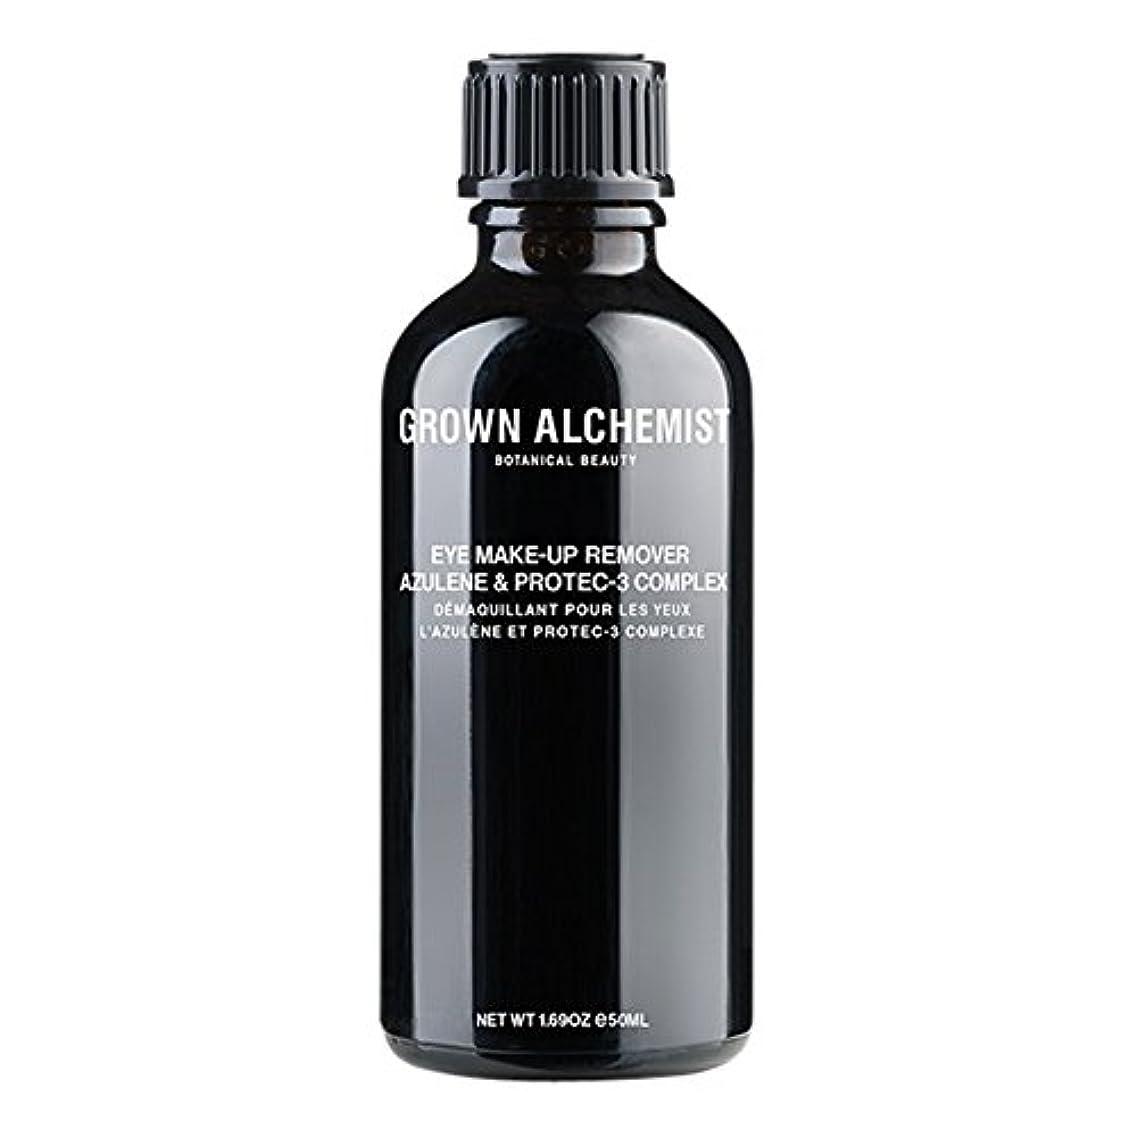 気晴らし南アメリカかろうじて成長した錬金術師アズレン&Protec-3アイメイクアップリムーバーの50ミリリットル (Grown Alchemist) (x6) - Grown Alchemist Azulene & Protec-3 Eye-Makeup...